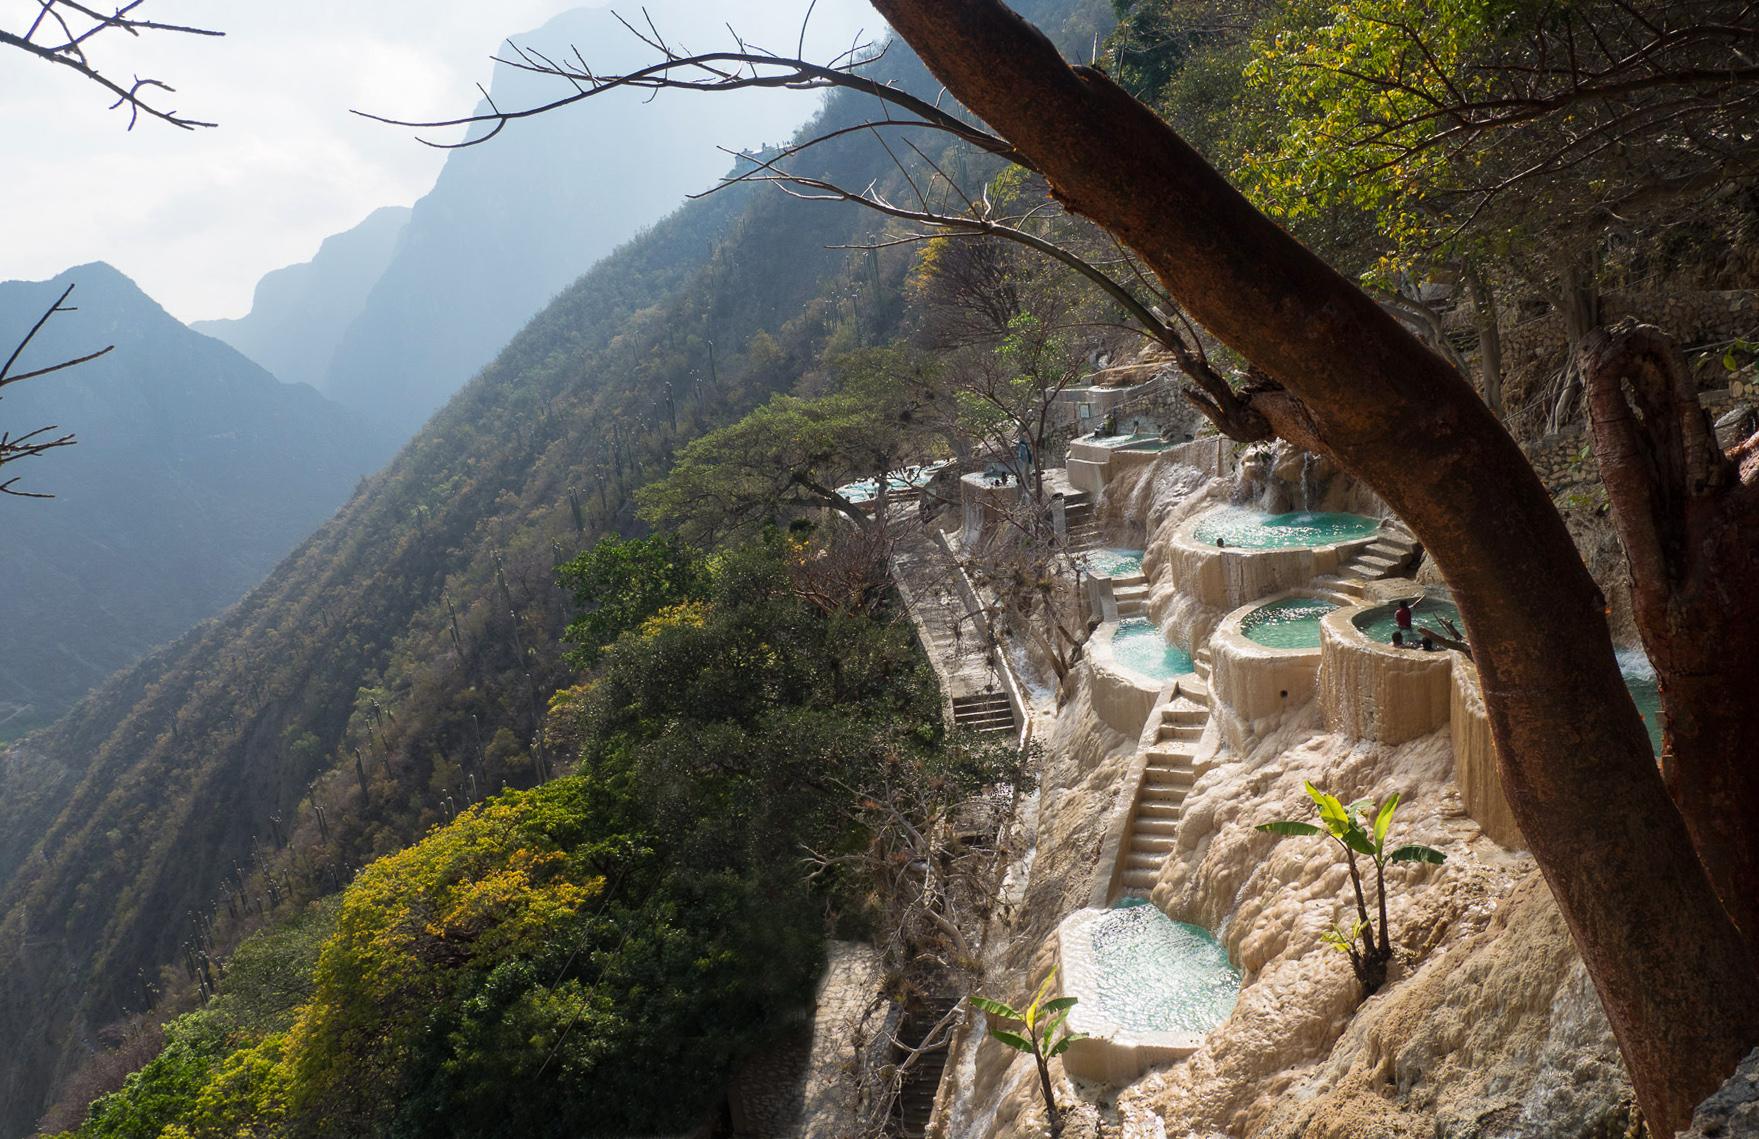 Kleine Badebecken, wie an den steilen Berghang geklebt